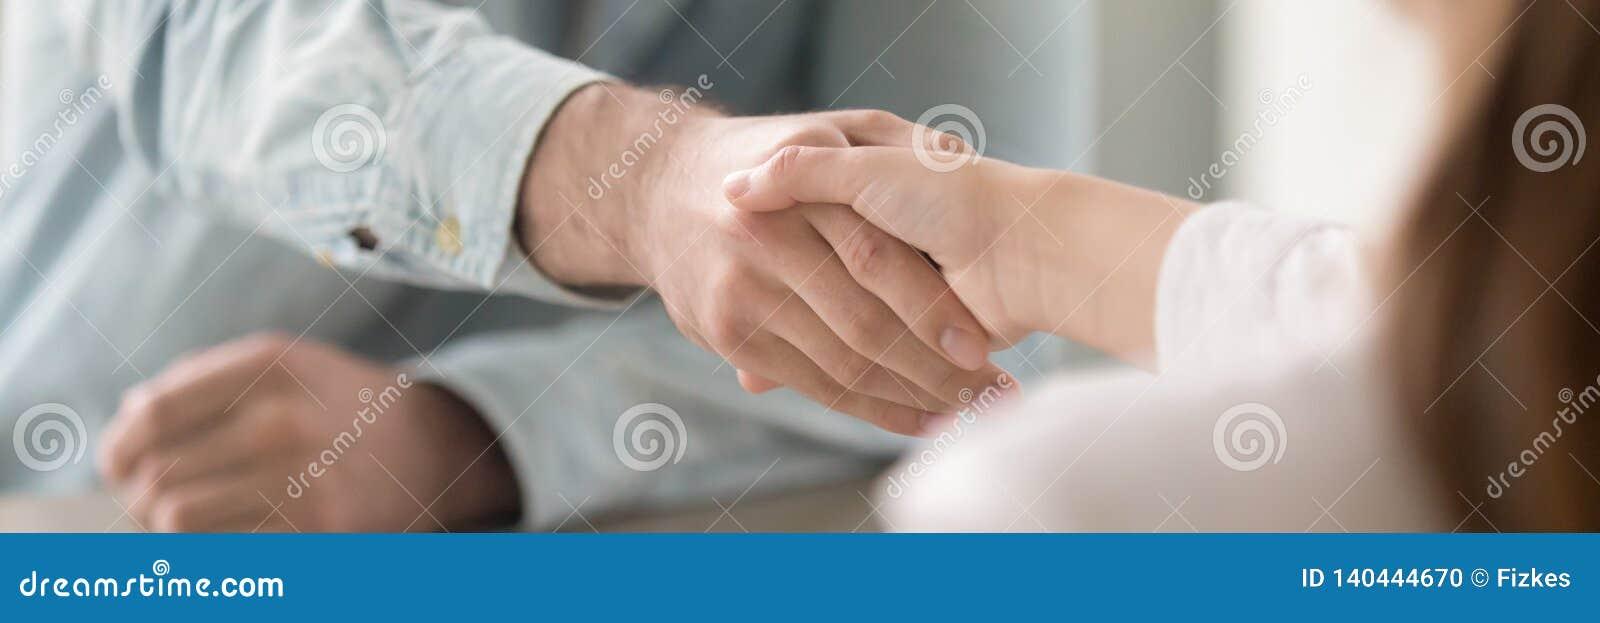 Κλείστε επάνω τα πανοραμικά χέρια τινάγματος επιχειρηματιών και επιχειρηματιών εικόνας